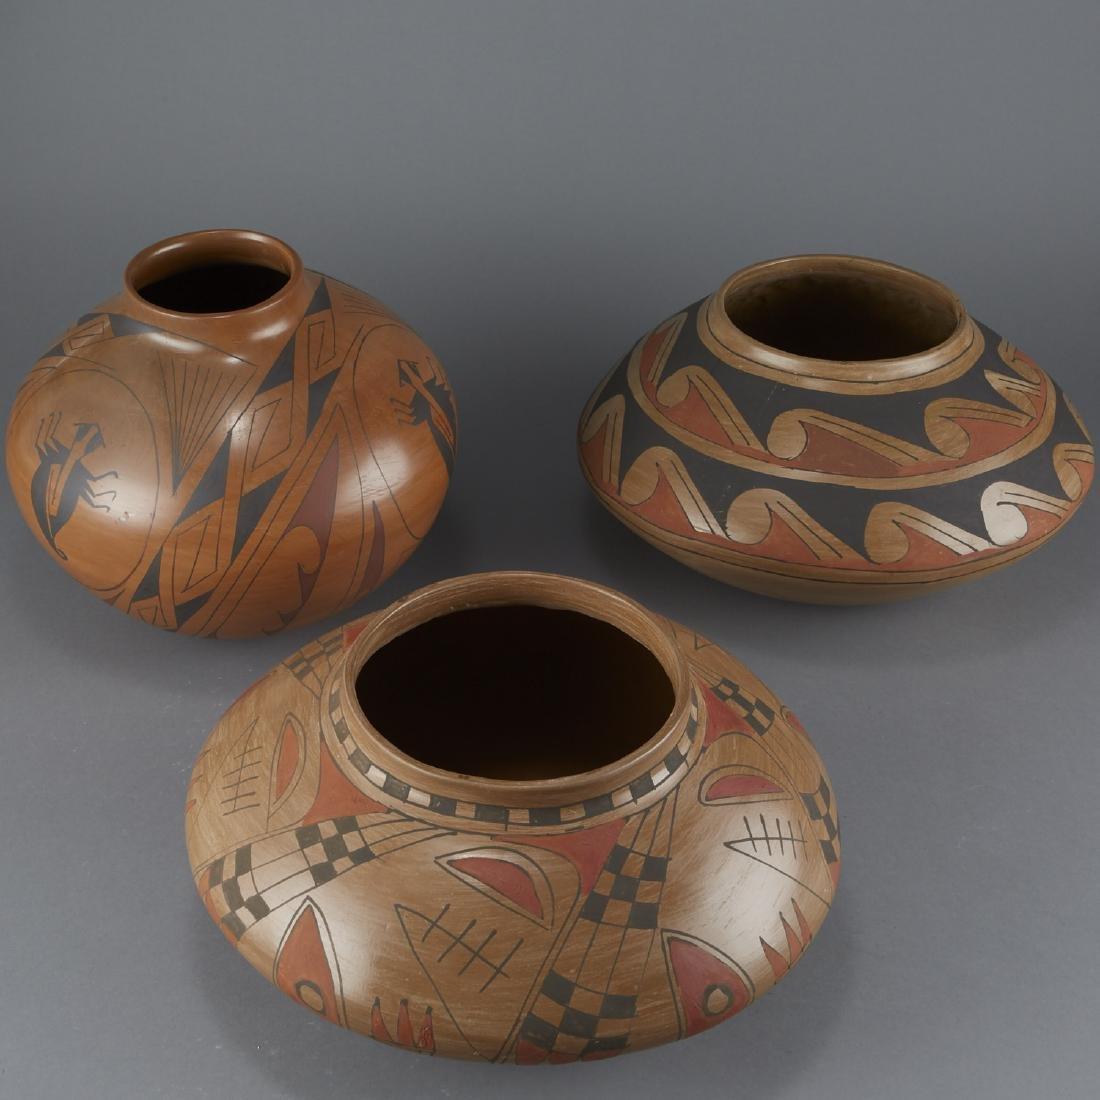 3 Polychrome Pottery Jars - 2